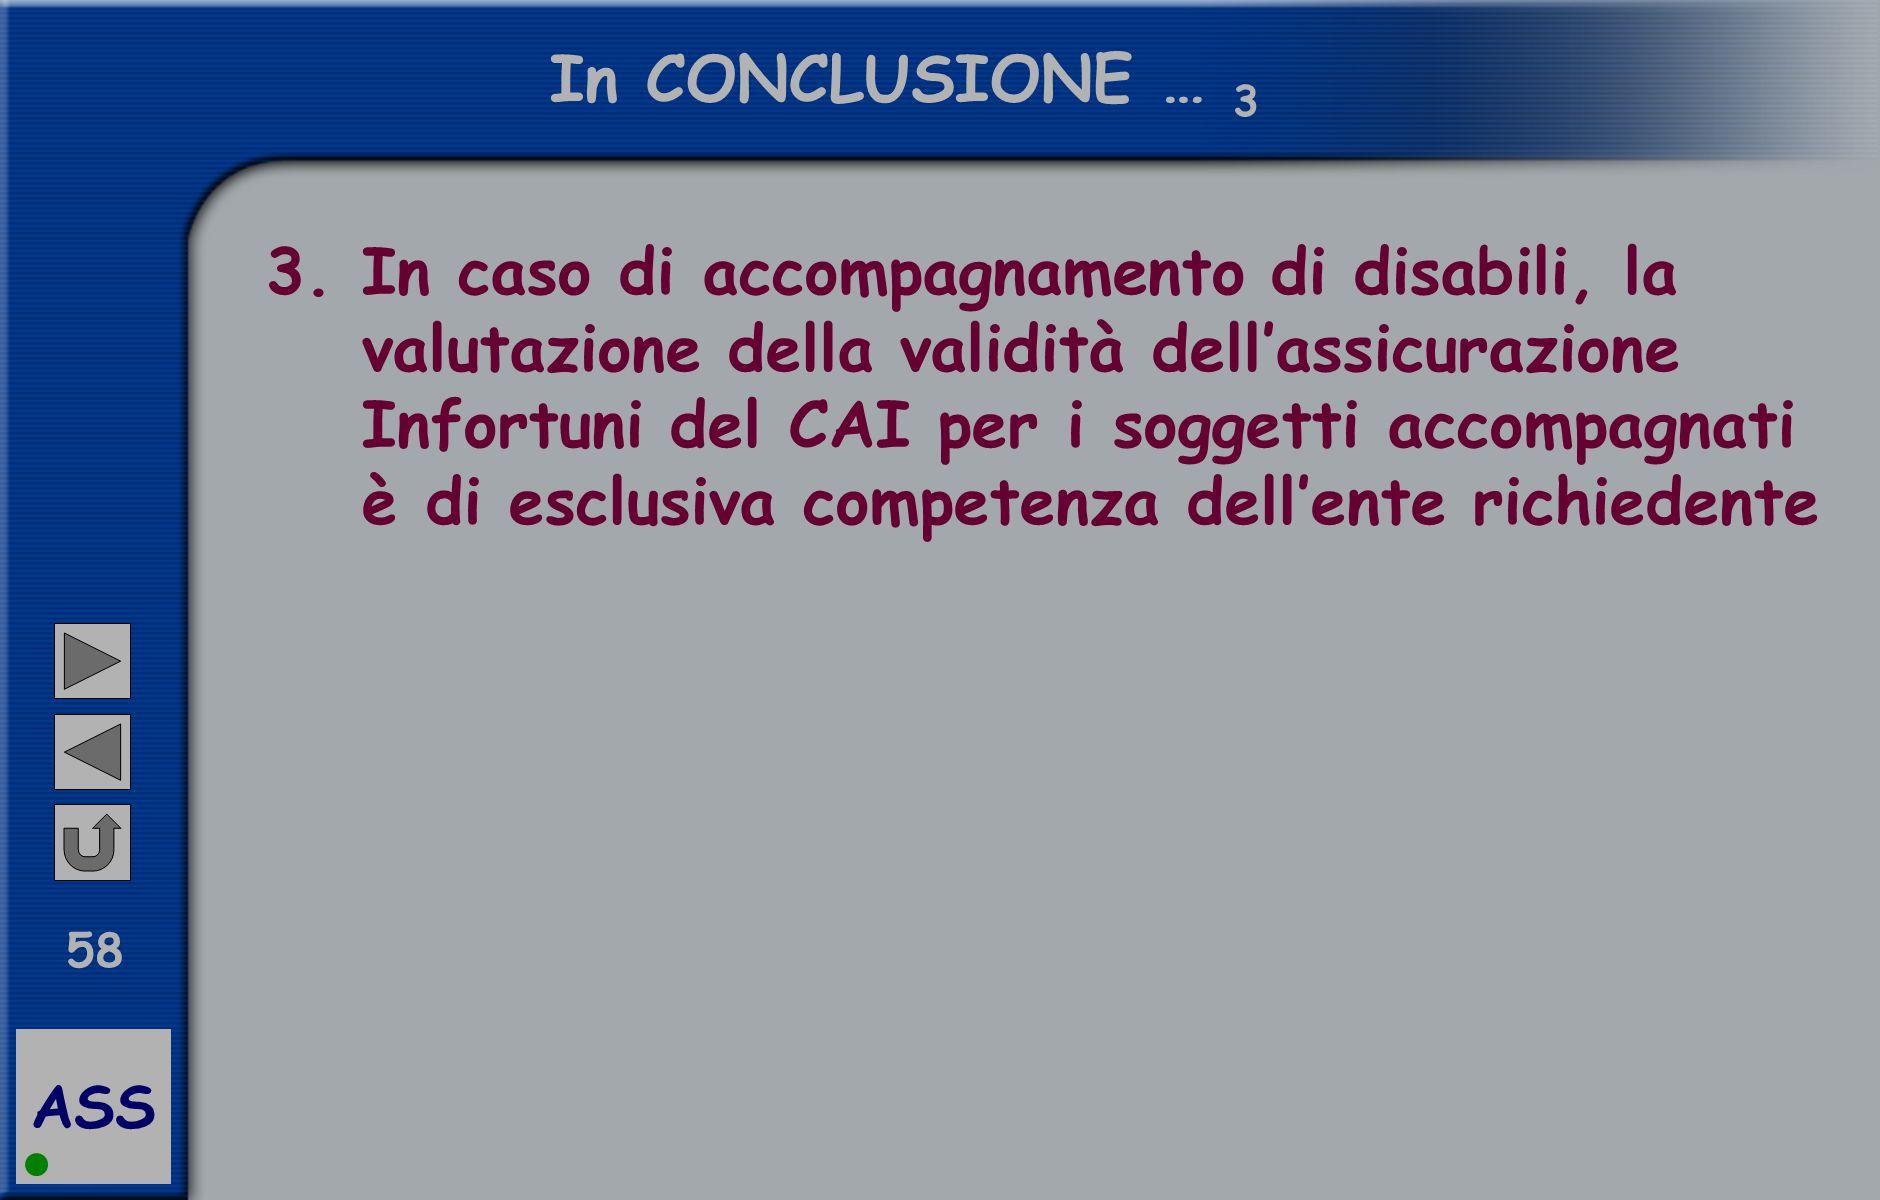 ASS 58 In CONCLUSIONE … 3 3.In caso di accompagnamento di disabili, la valutazione della validità dell'assicurazione Infortuni del CAI per i soggetti